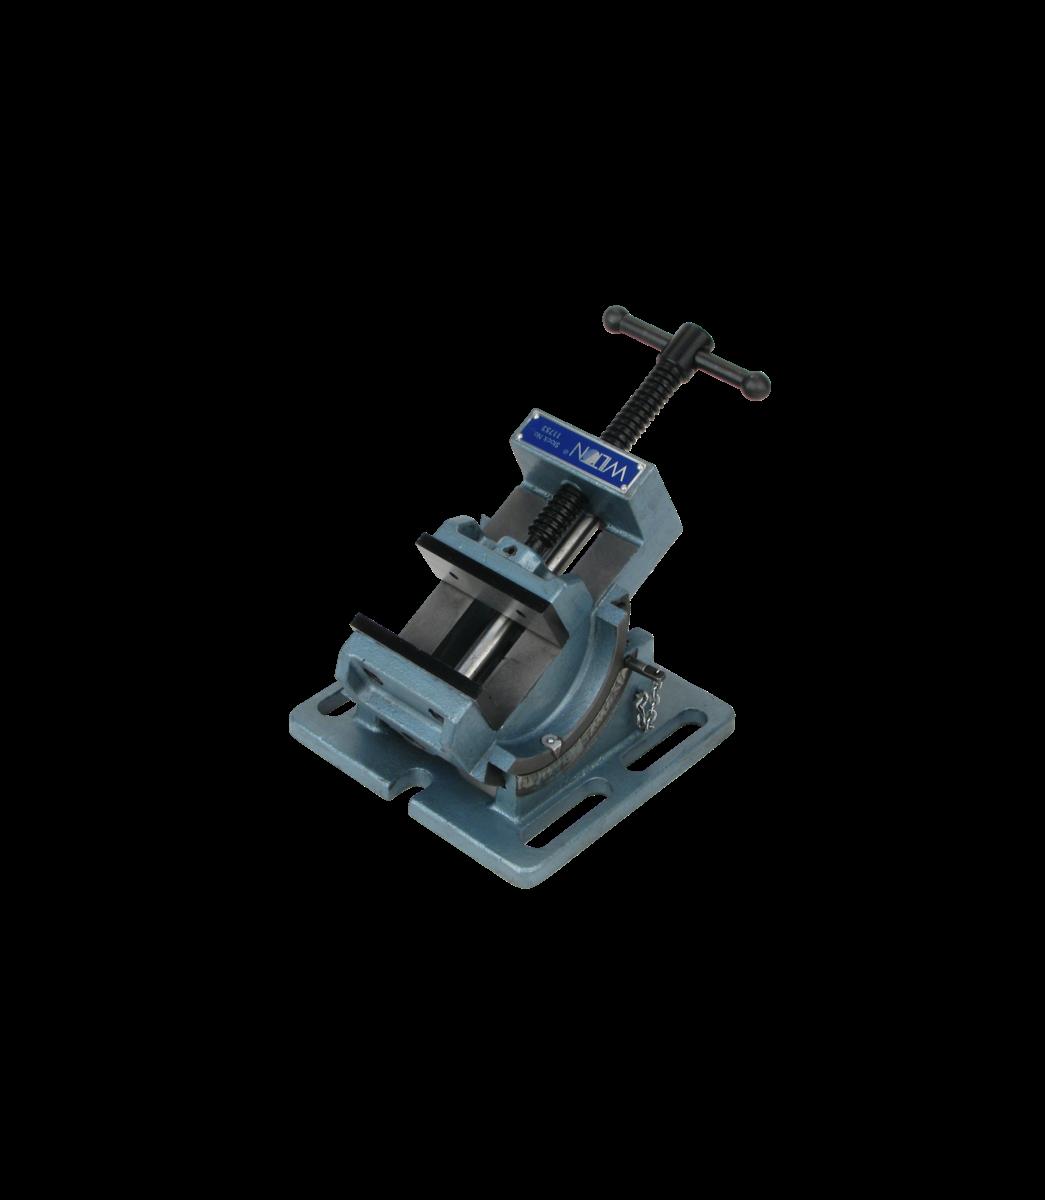 Drill Press - Angle